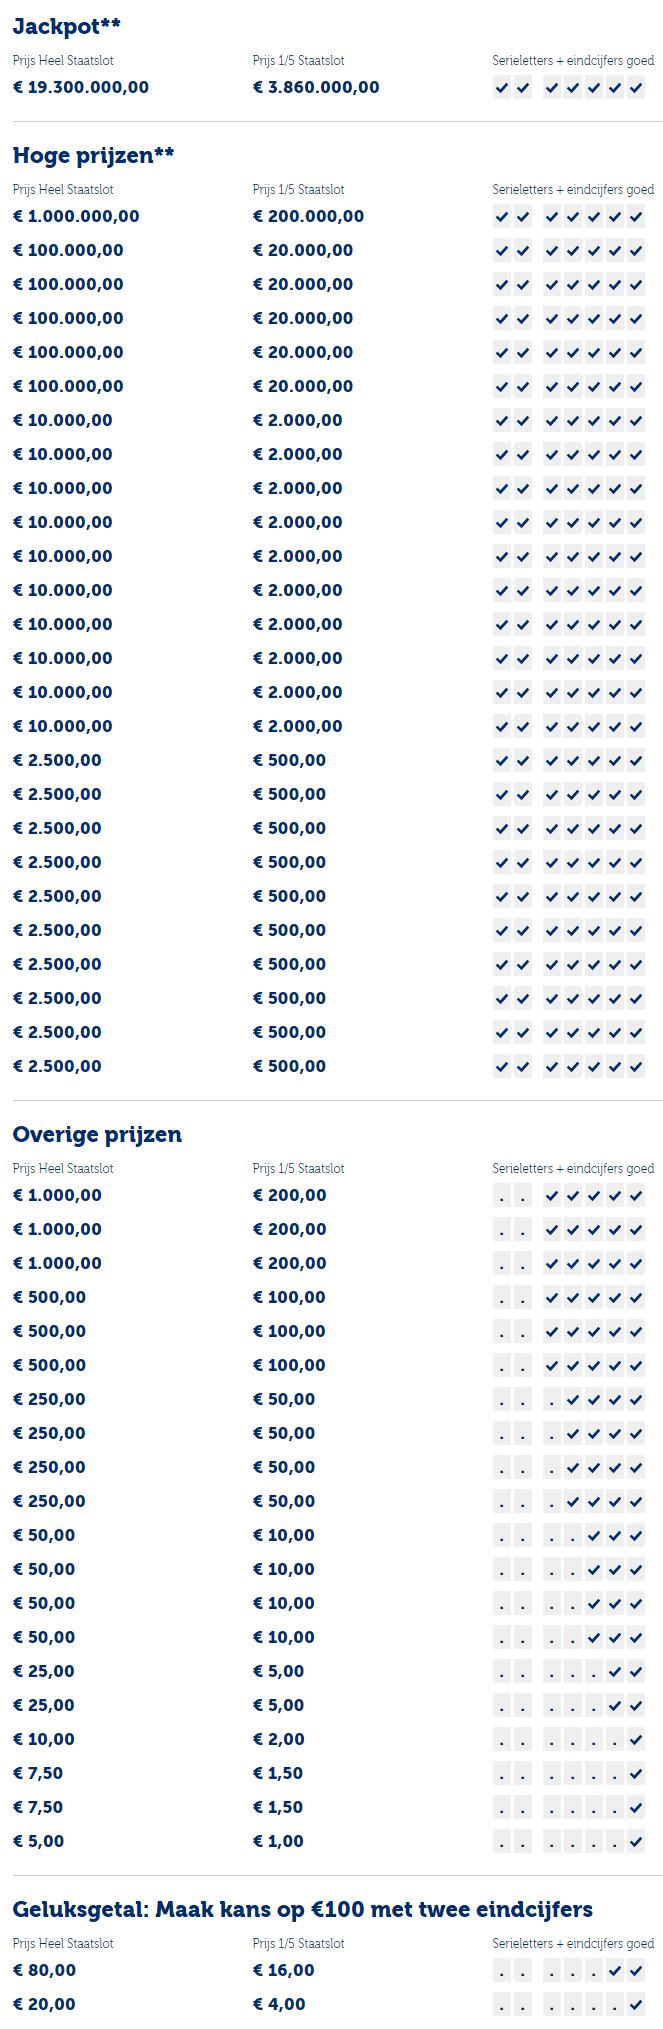 Staatsloterij prijzenpakket 10 december 2018